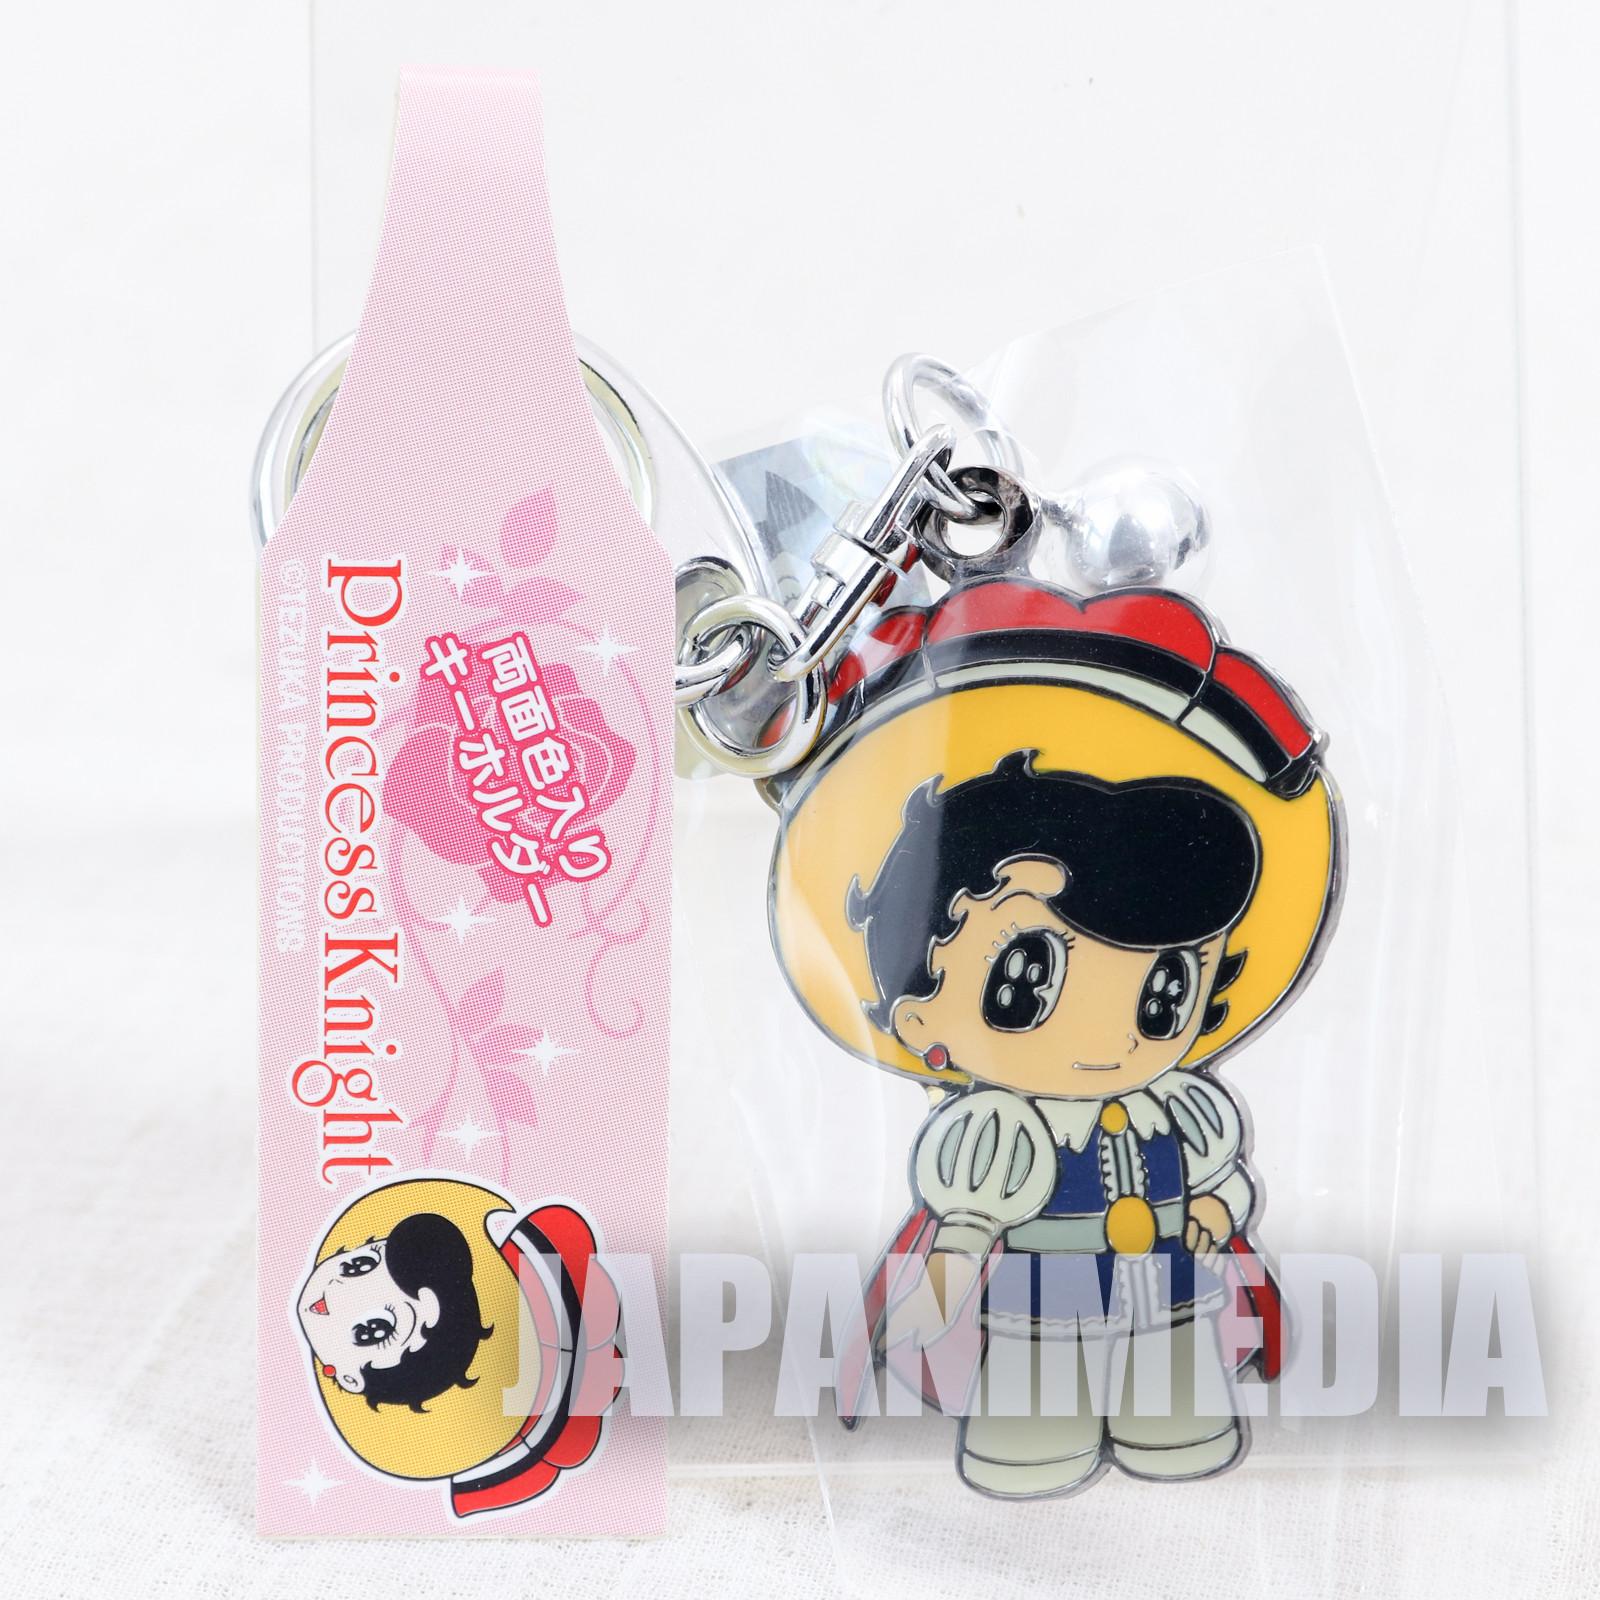 Princess Knight Sapphire Metal Mascot Keychain Osamu Tezuka JAPAN ANIME